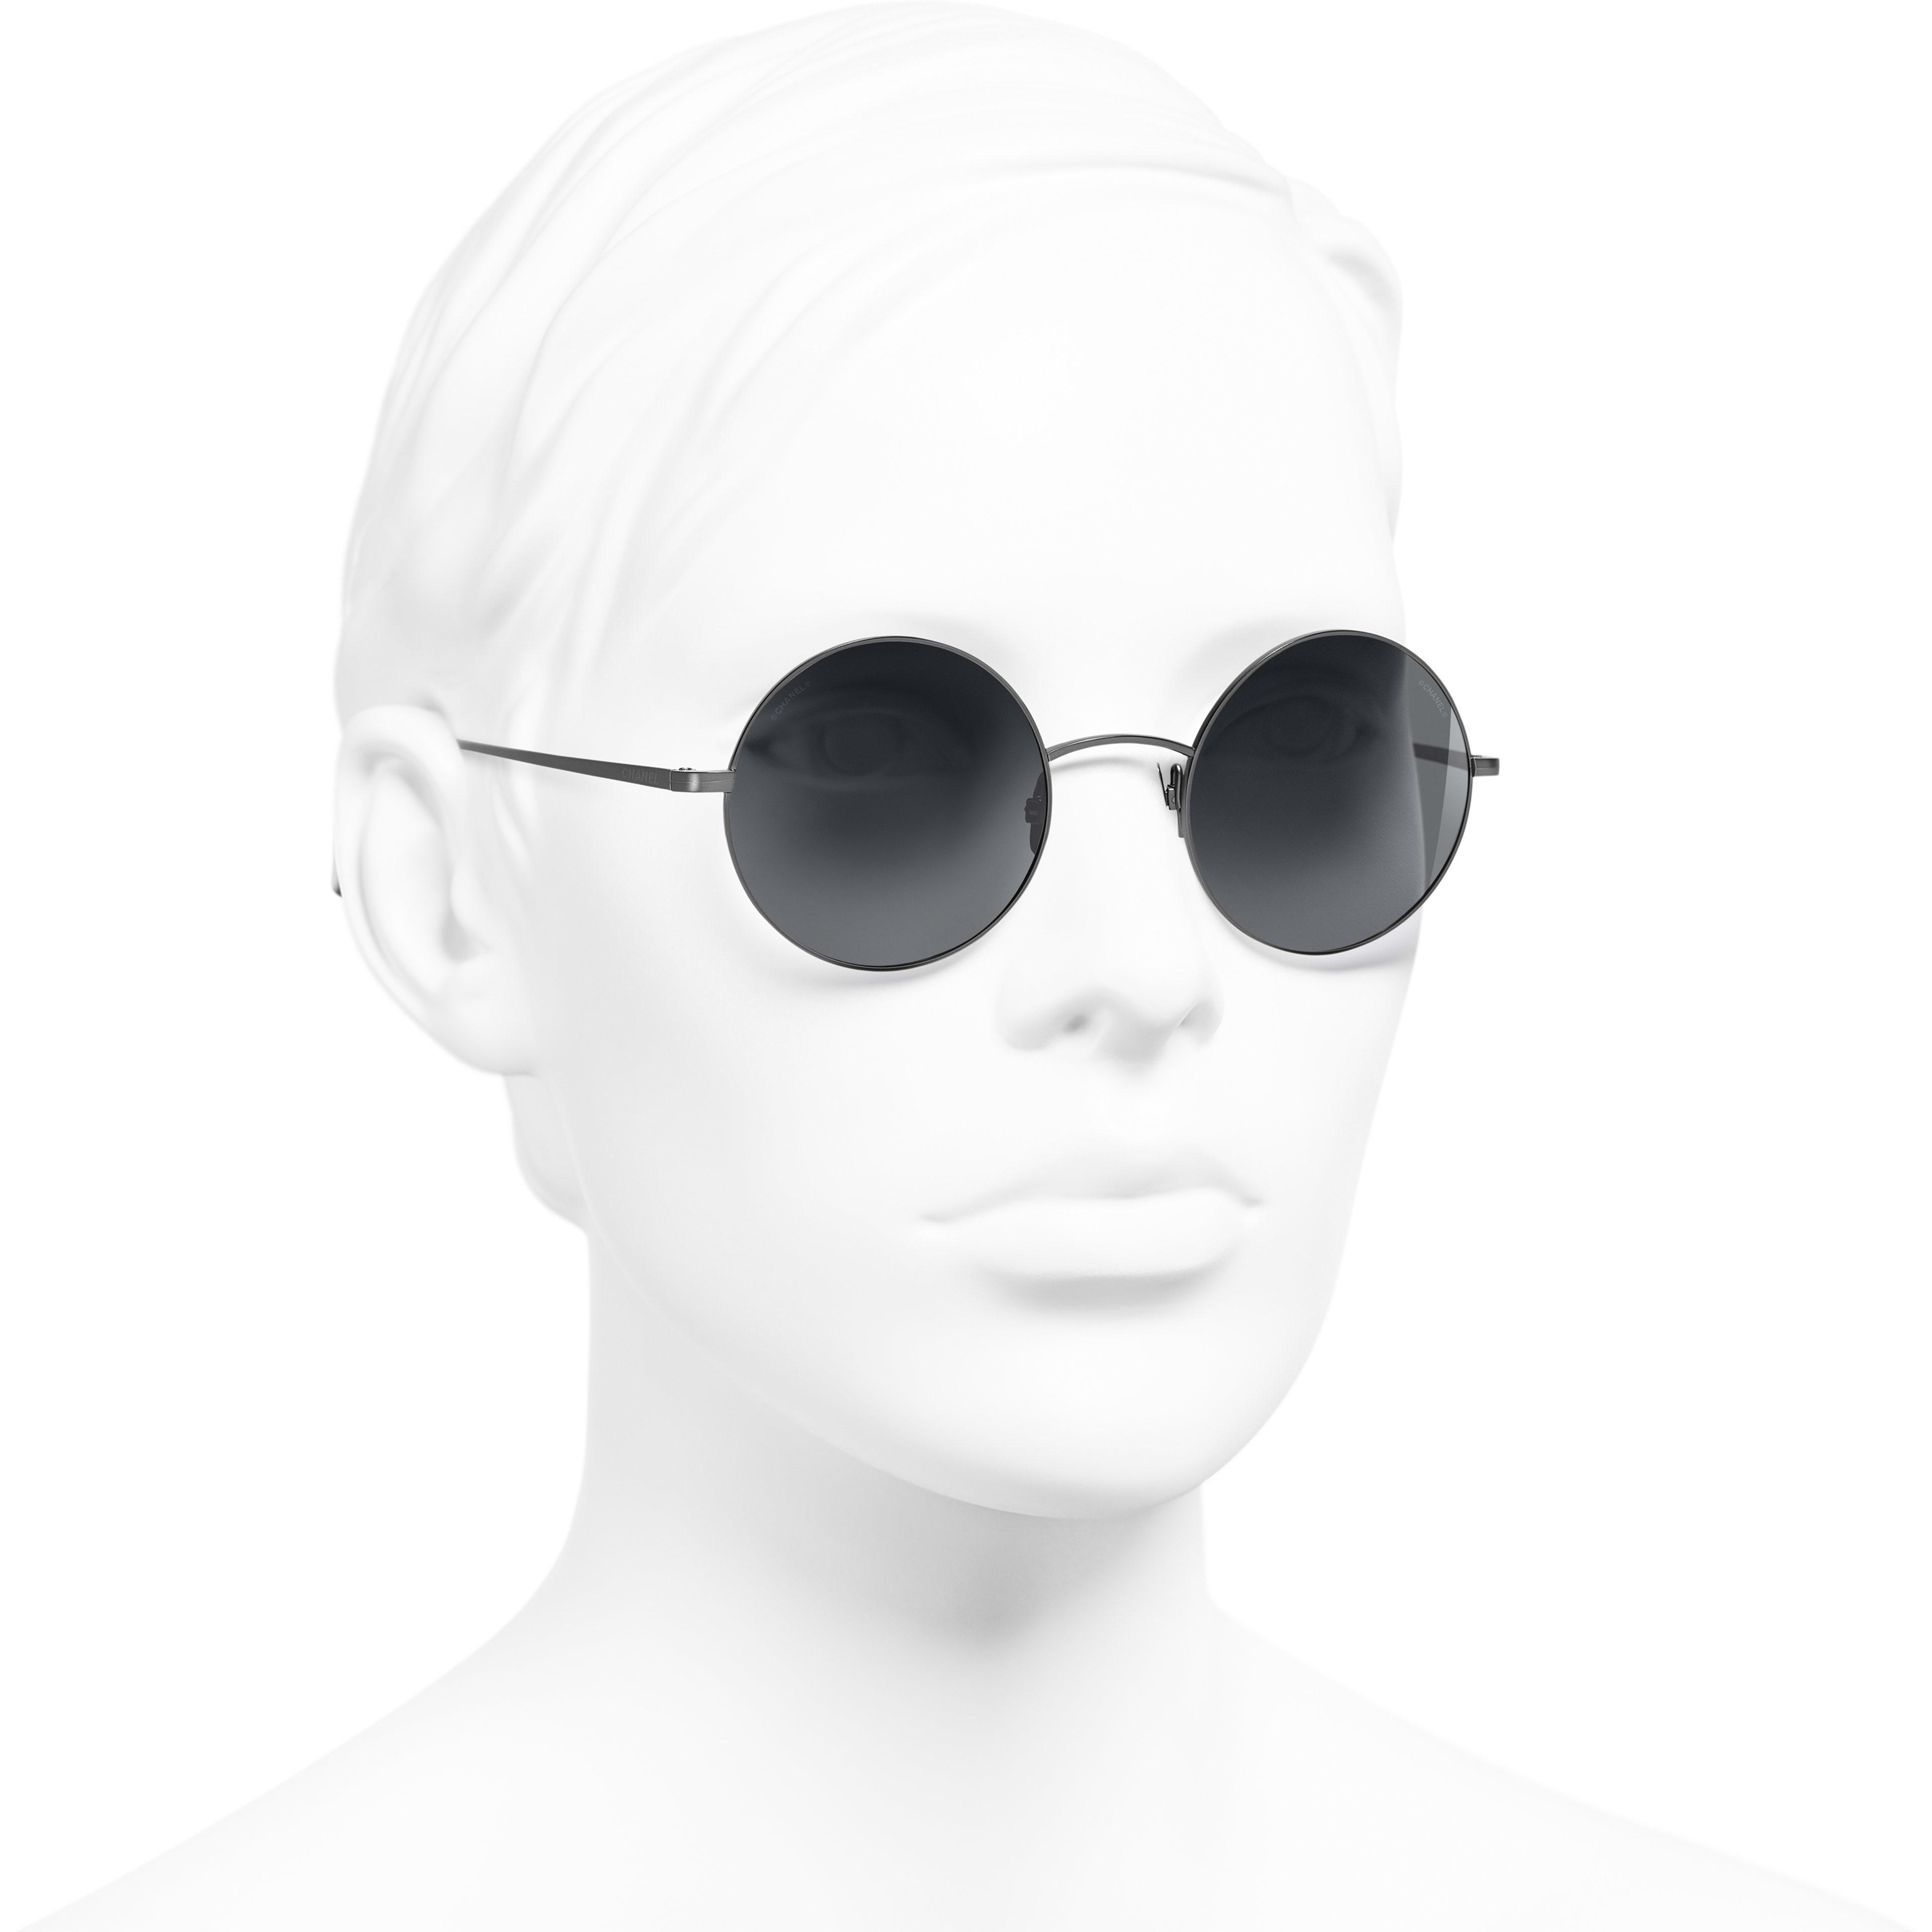 Gafas de sol redondas - Plateado oscuro - Titanio - CHANEL - Vista 3/4 puesto - ver la versión tamaño estándar